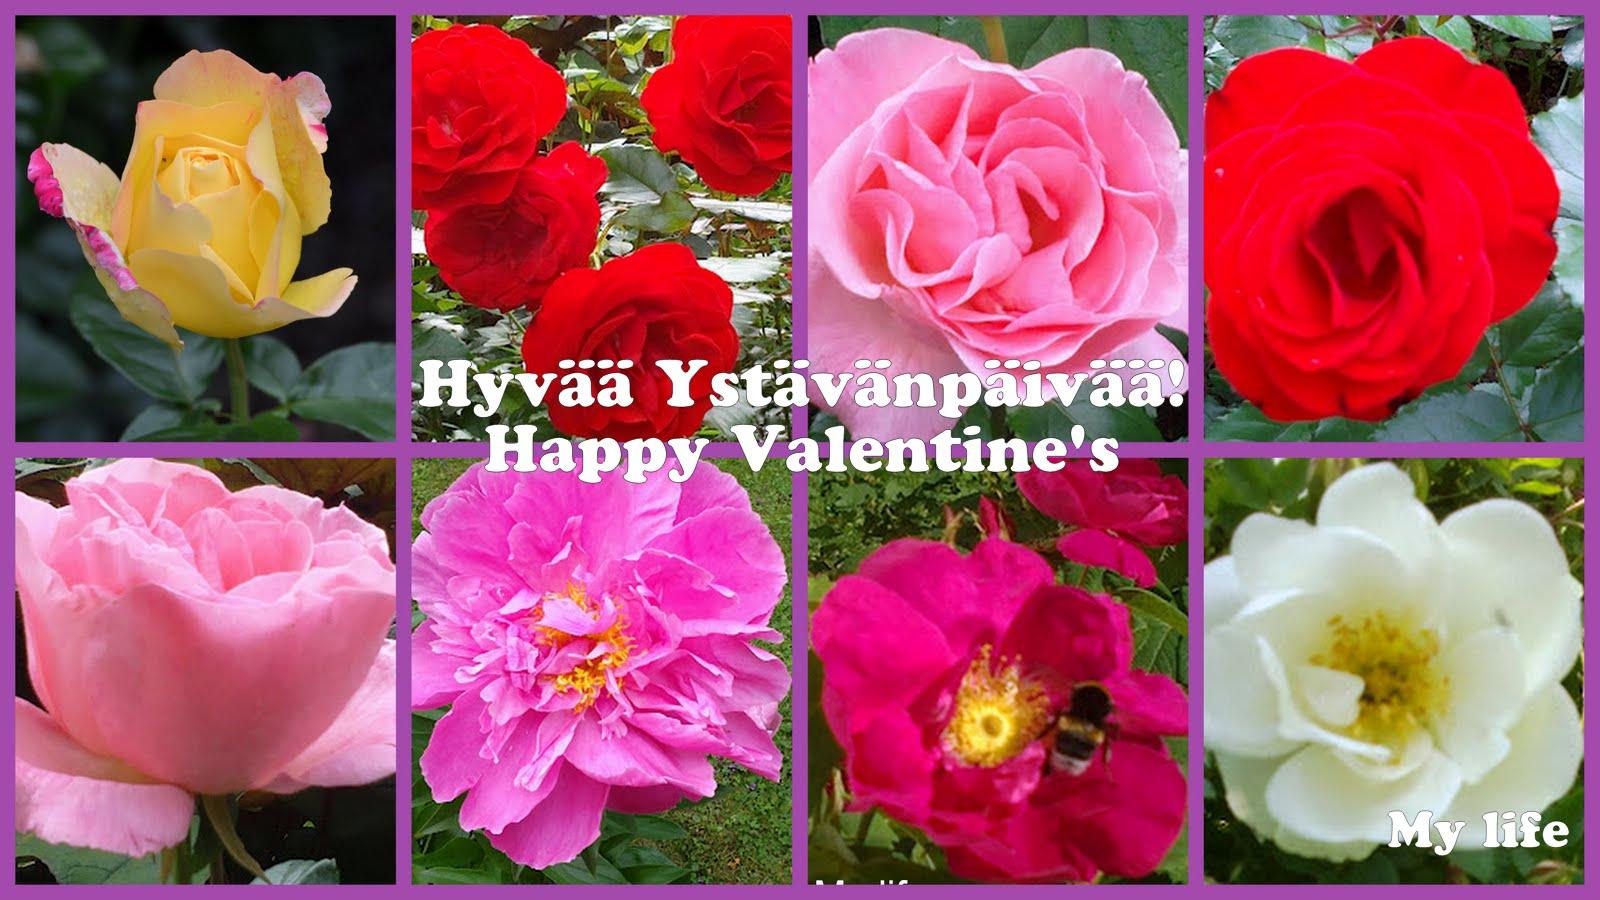 Hyvää Ystävänpäivää! – Happy Valentine's Day!